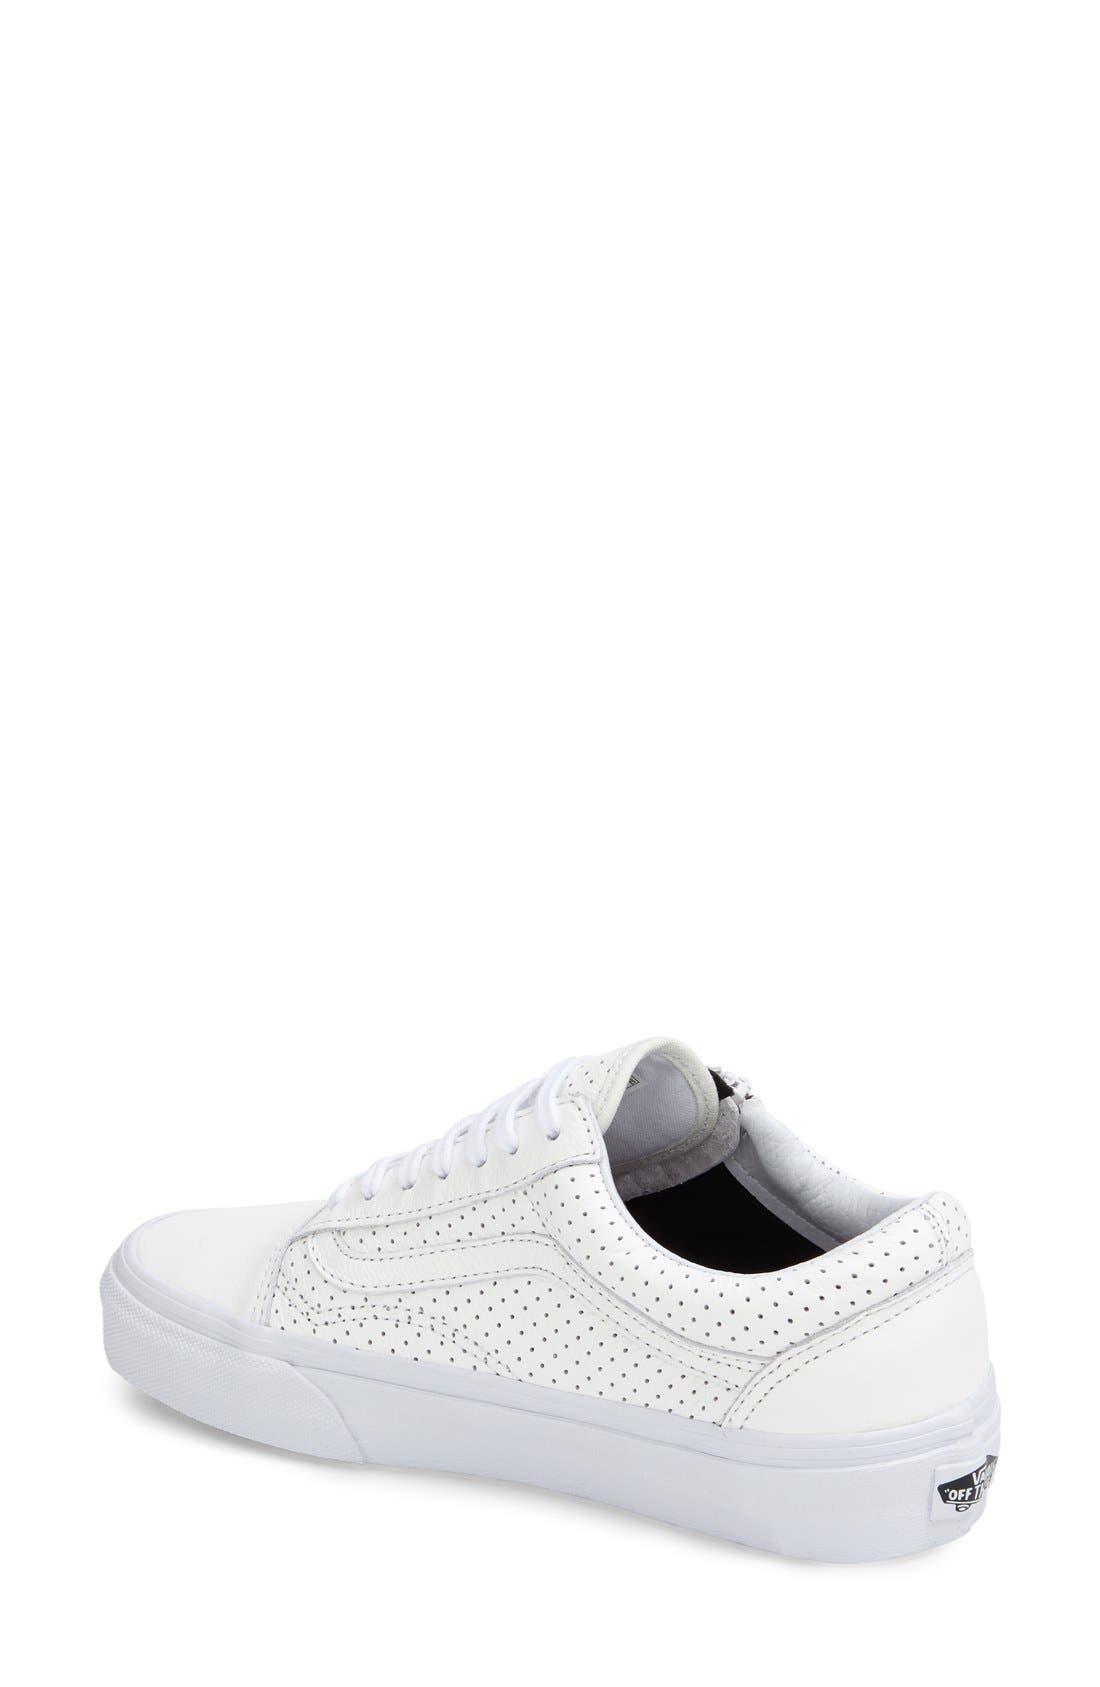 Alternate Image 2  - Vans 'Old Skool' Zip Sneaker (Women)